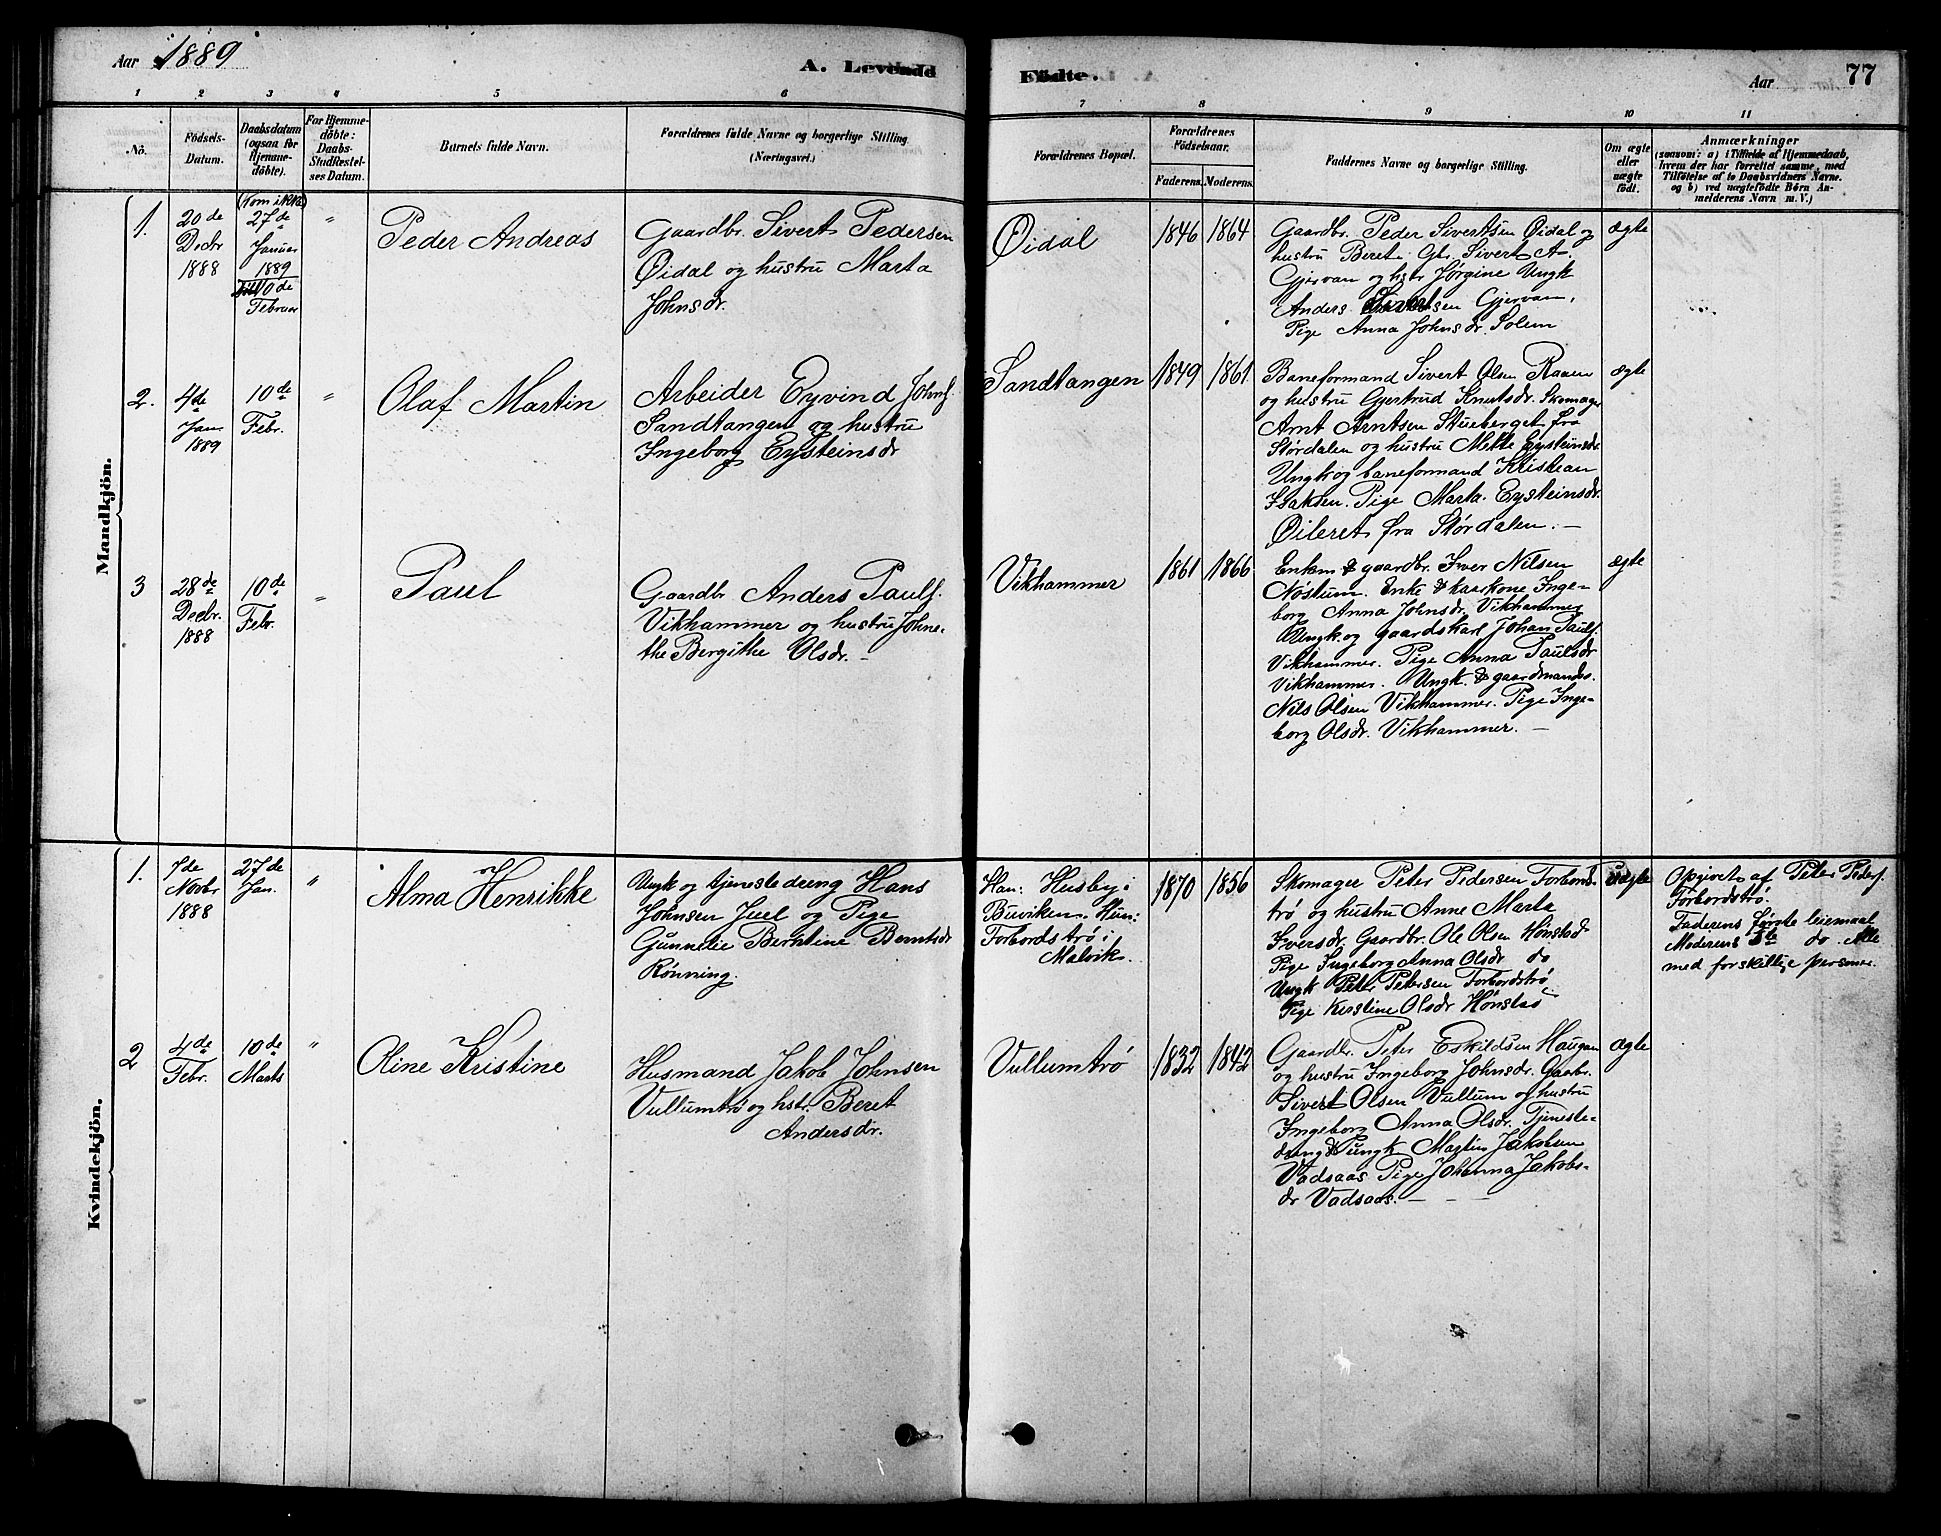 SAT, Ministerialprotokoller, klokkerbøker og fødselsregistre - Sør-Trøndelag, 616/L0423: Klokkerbok nr. 616C06, 1878-1903, s. 77